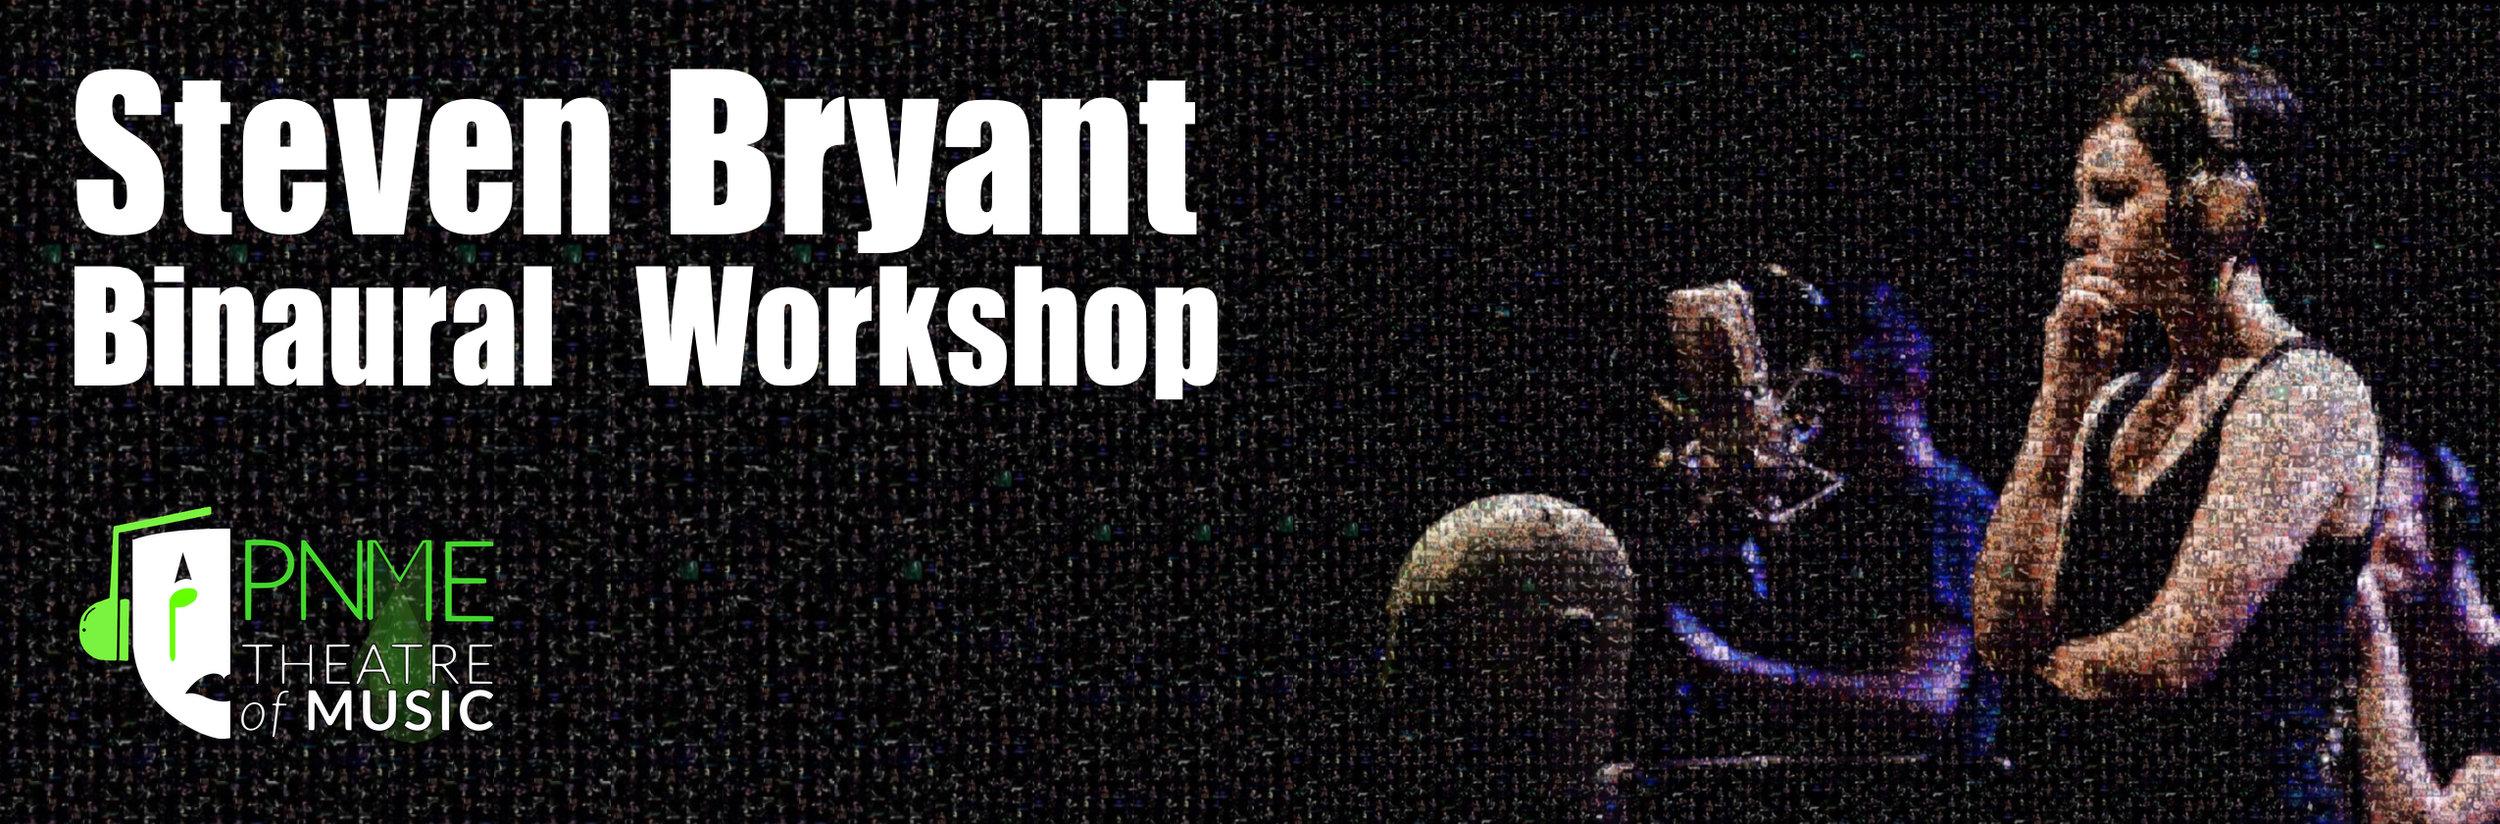 Bryant Workshop Showclix Banner.jpg